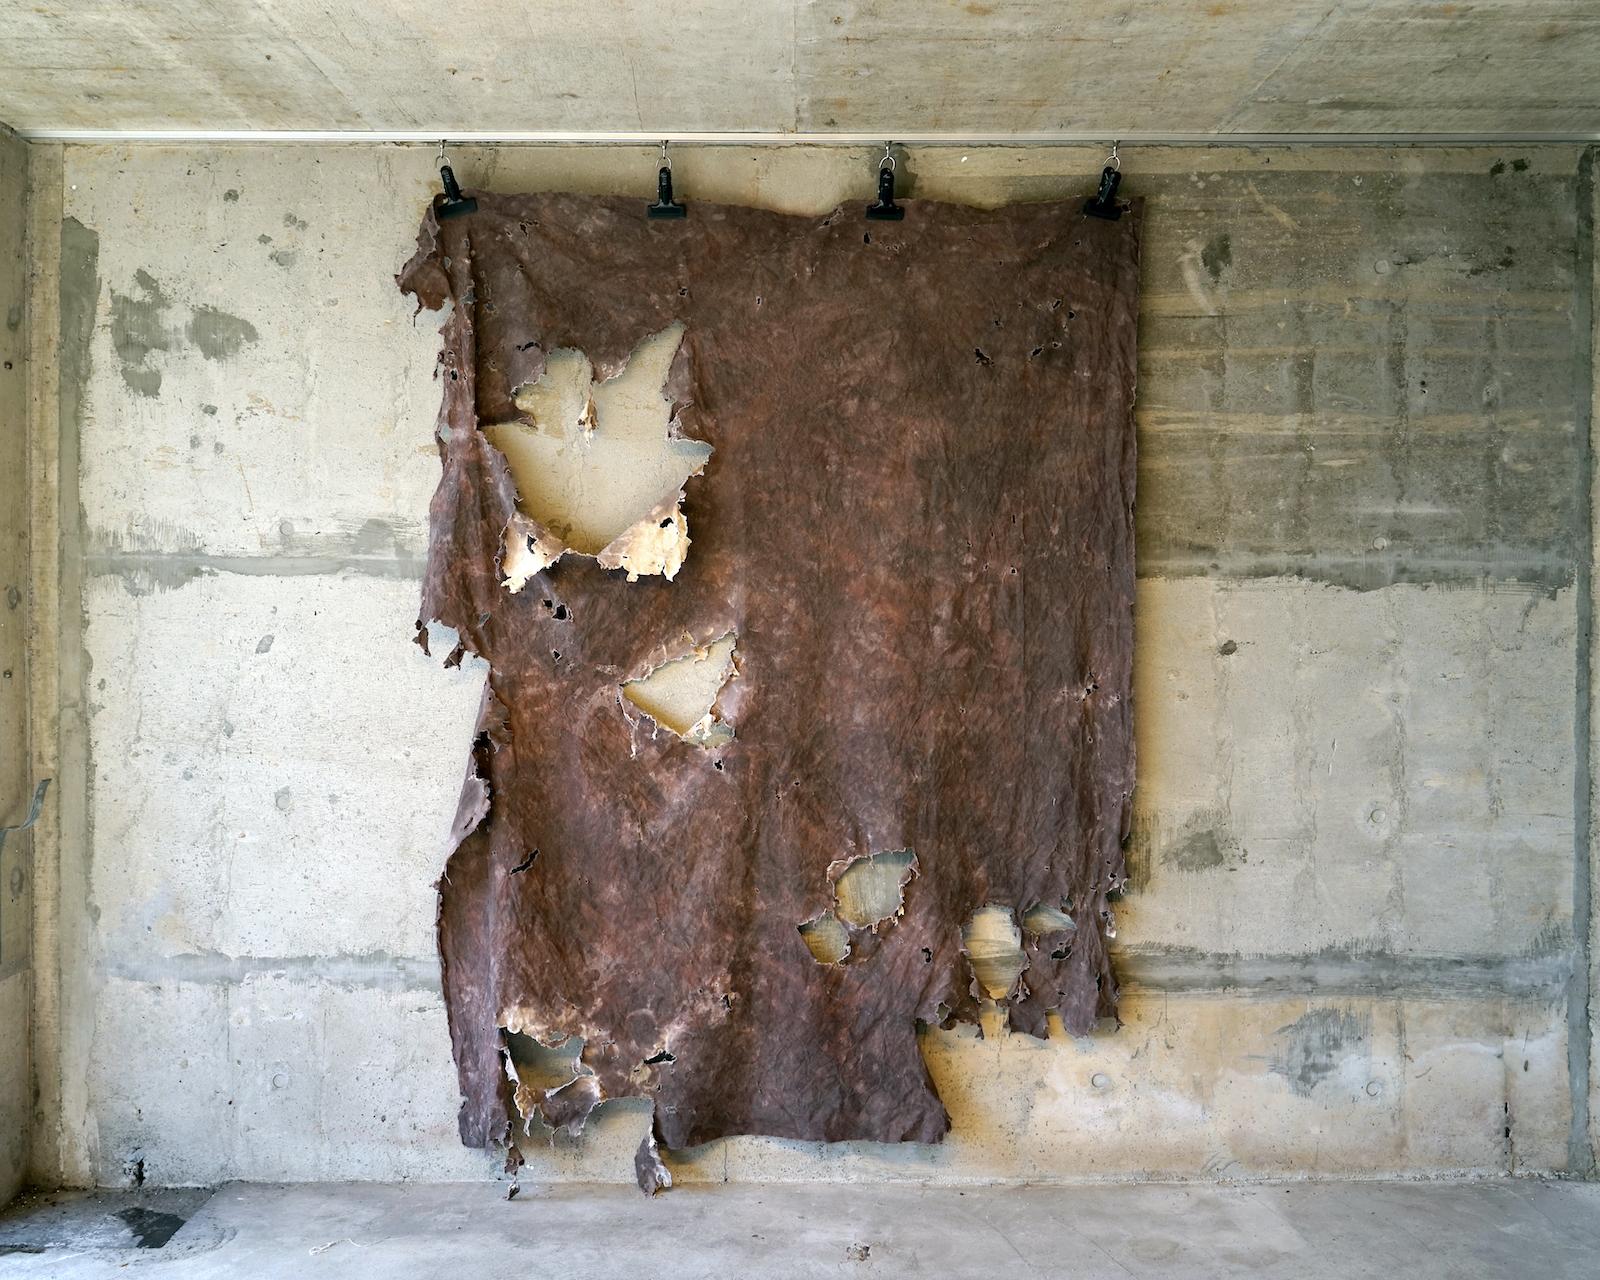 「PREMIO COMBAT 2020 PRIZE」に出品し、ファイナリストに選出された「泥染の布」